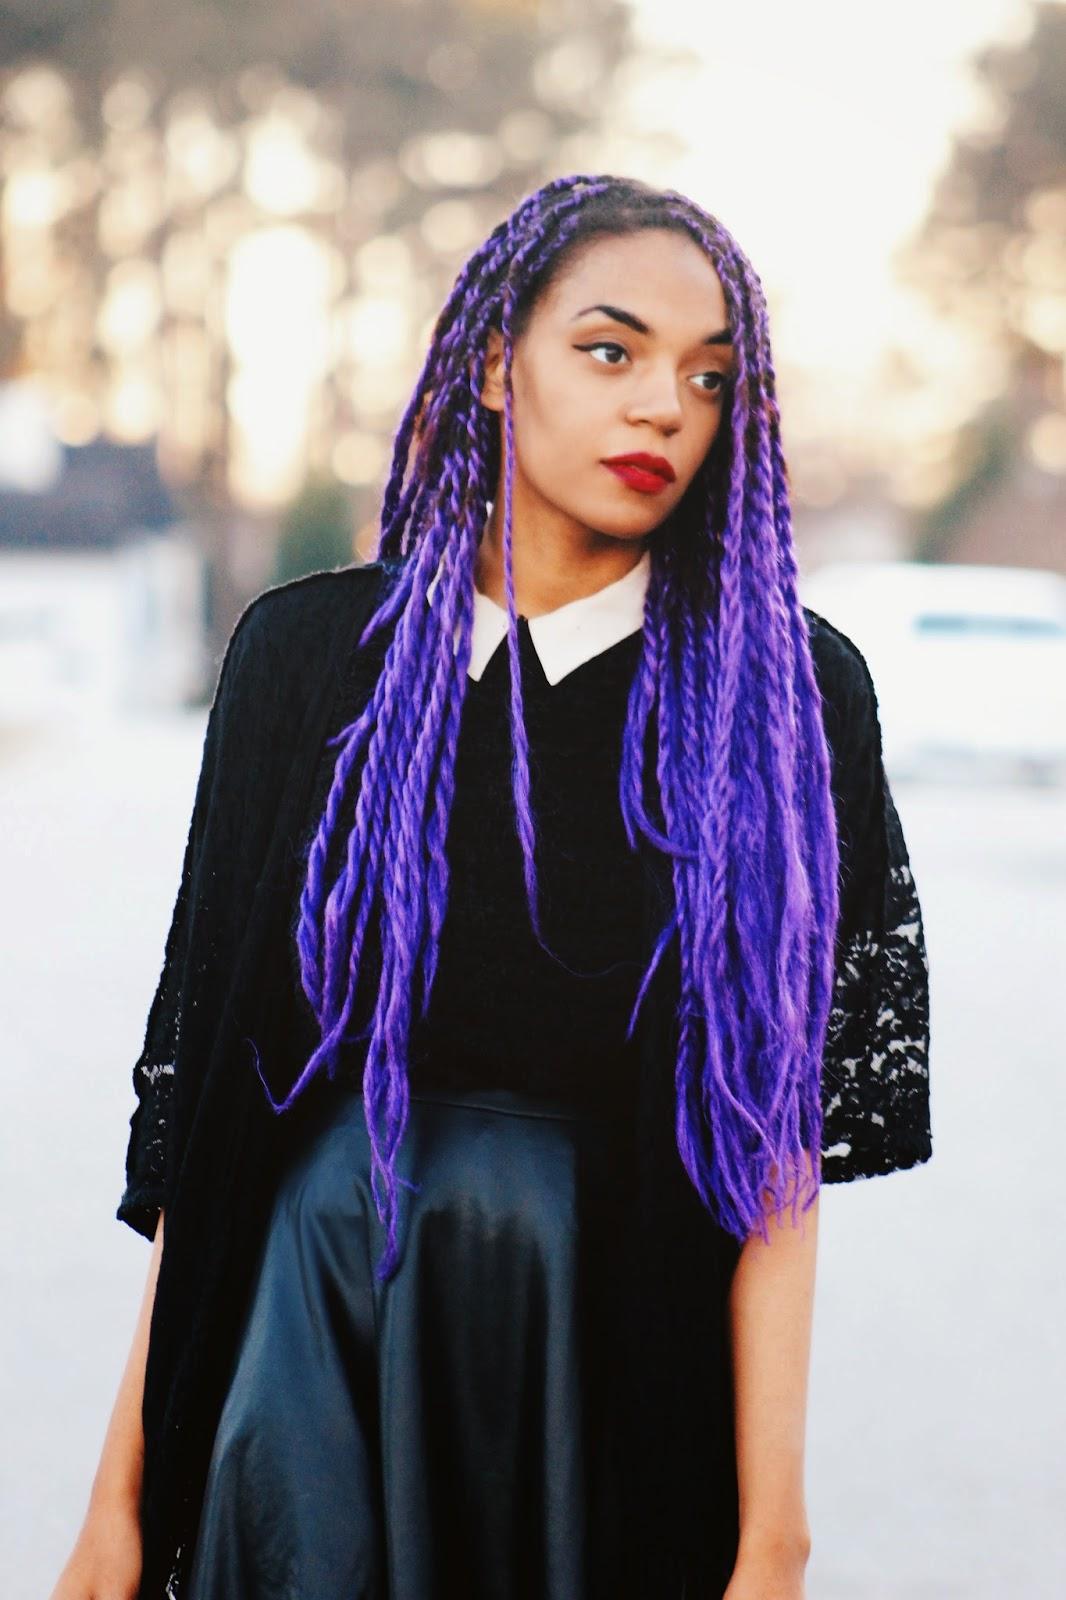 Purple Senegalese Twists | I Style Looks